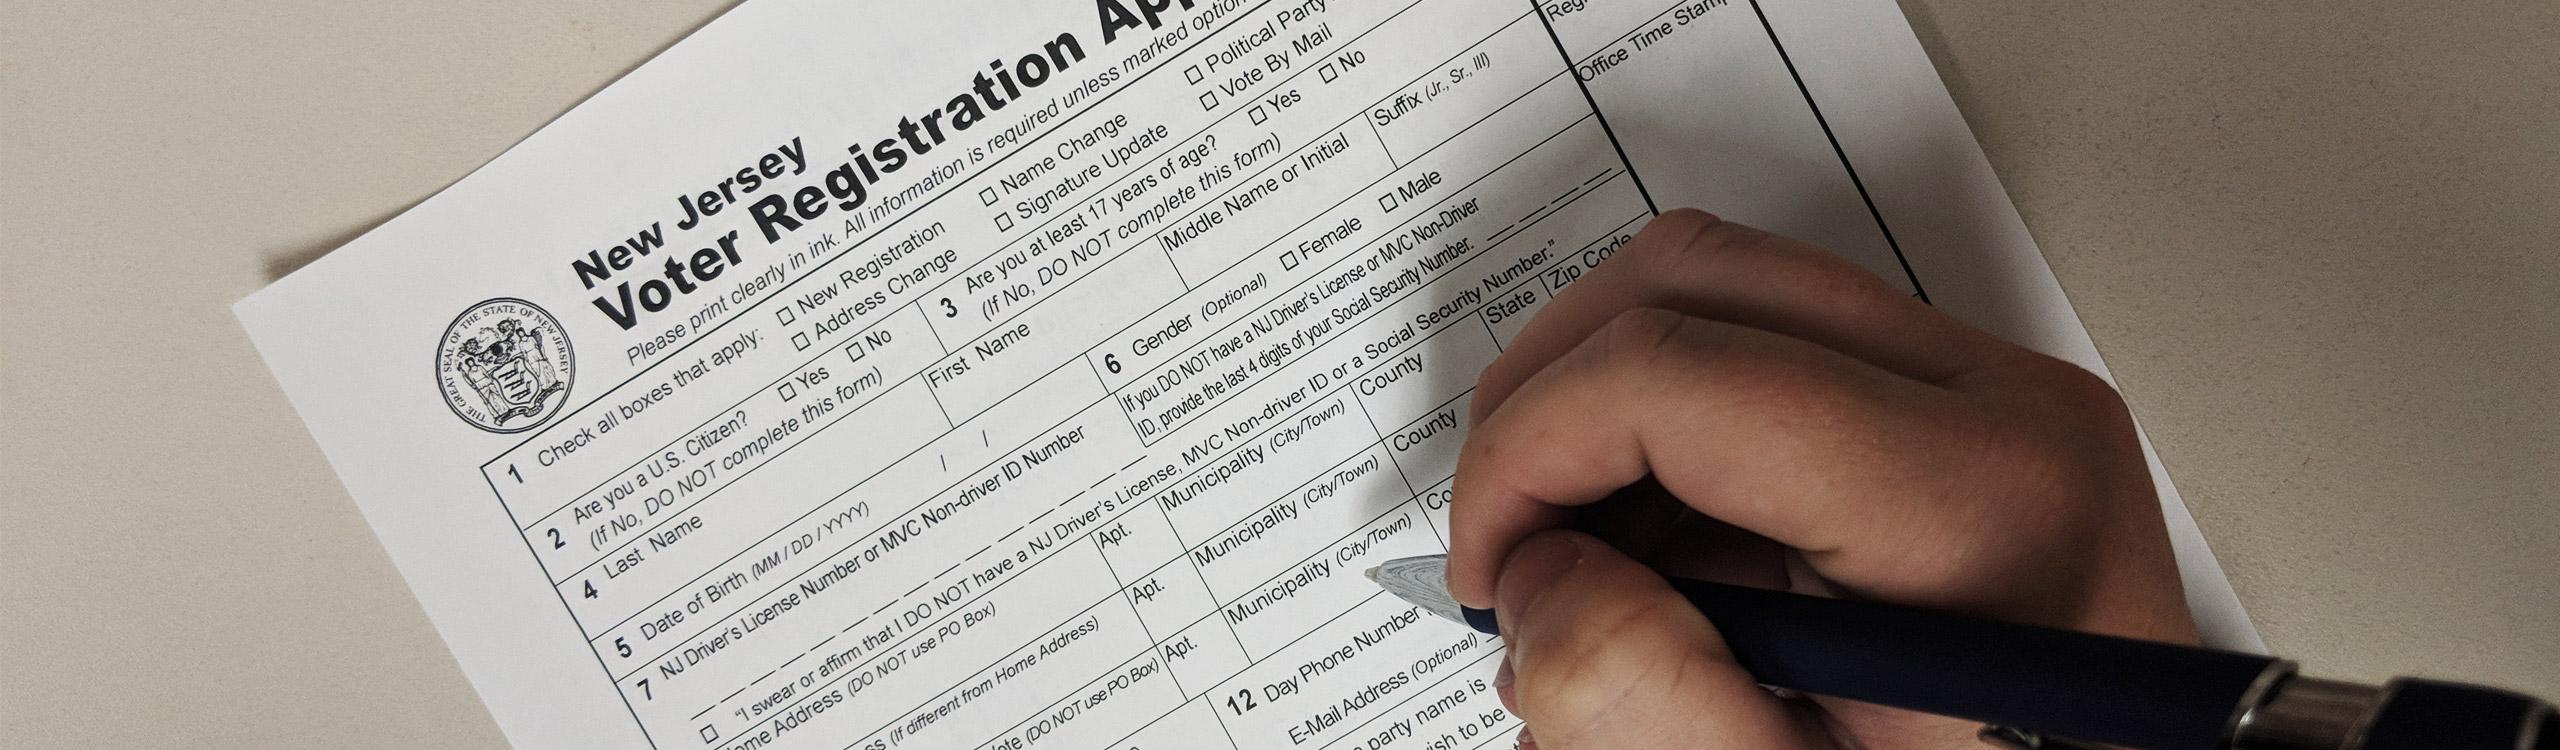 Register Vote - Image of Hand filling out Registration Form